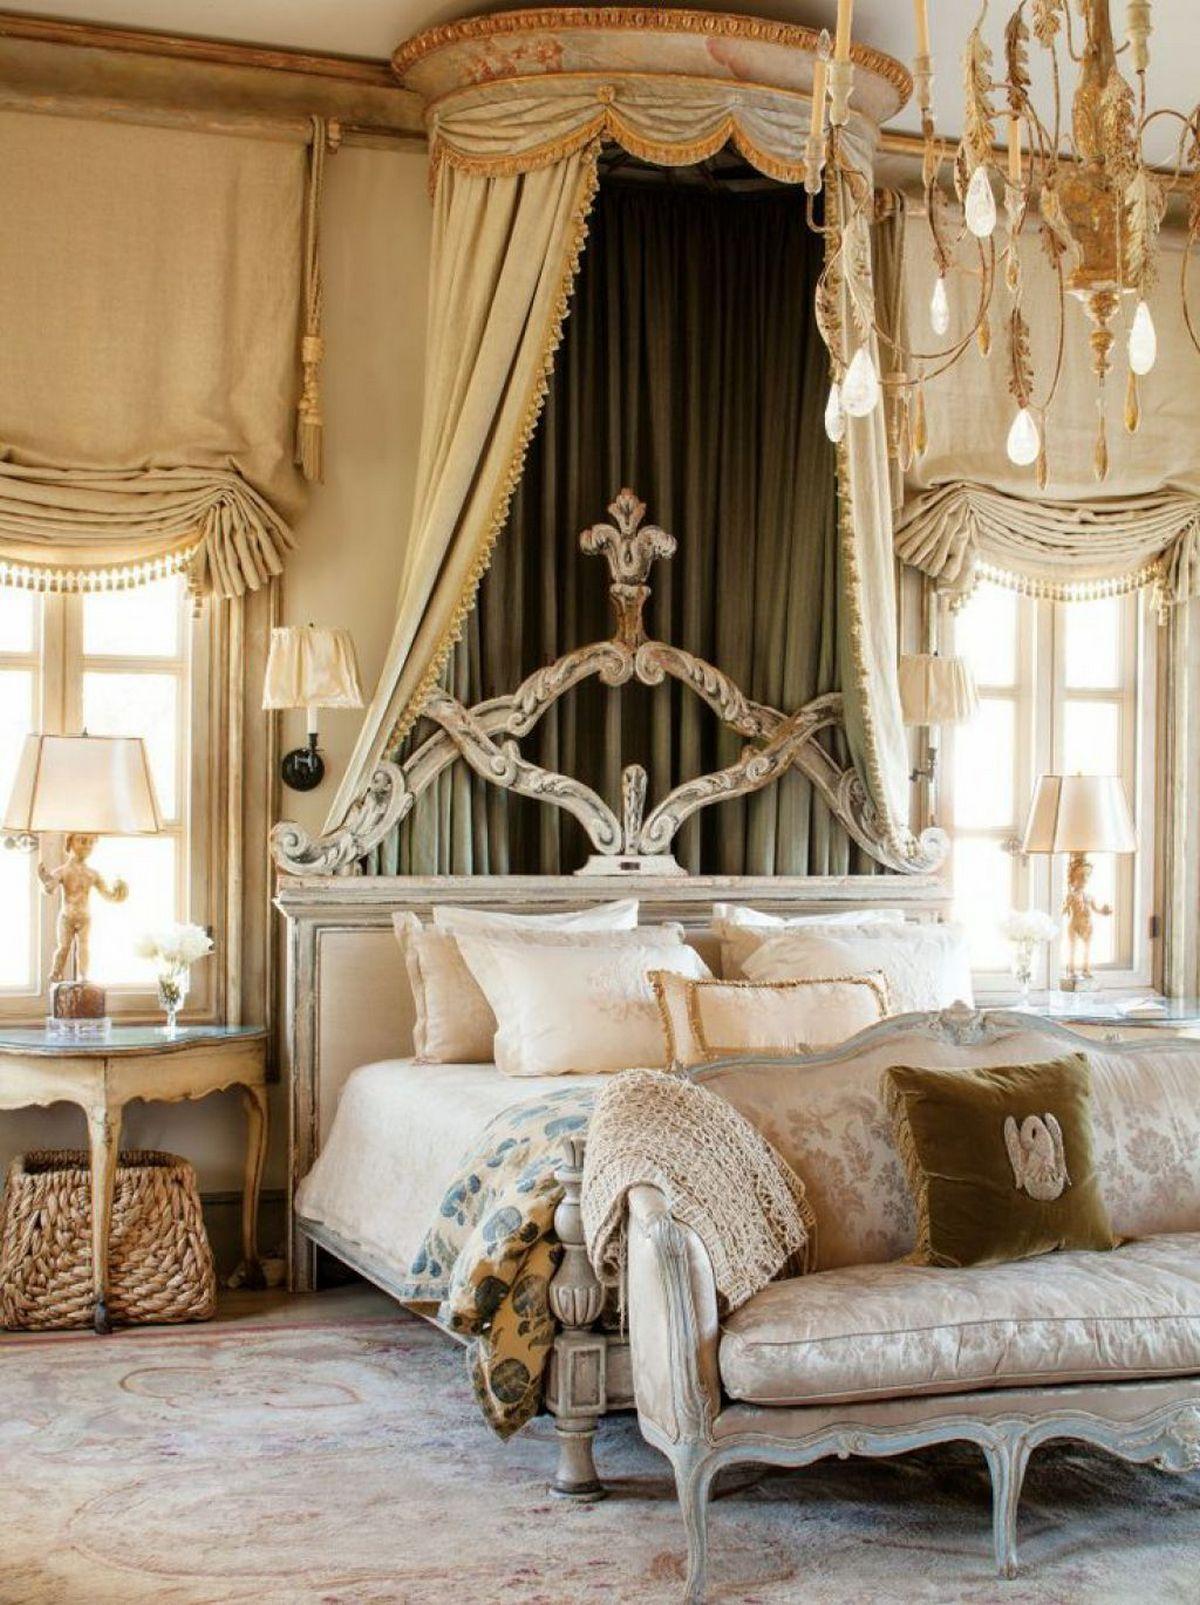 стиль барокко в современном интерьере кровать с паланкином